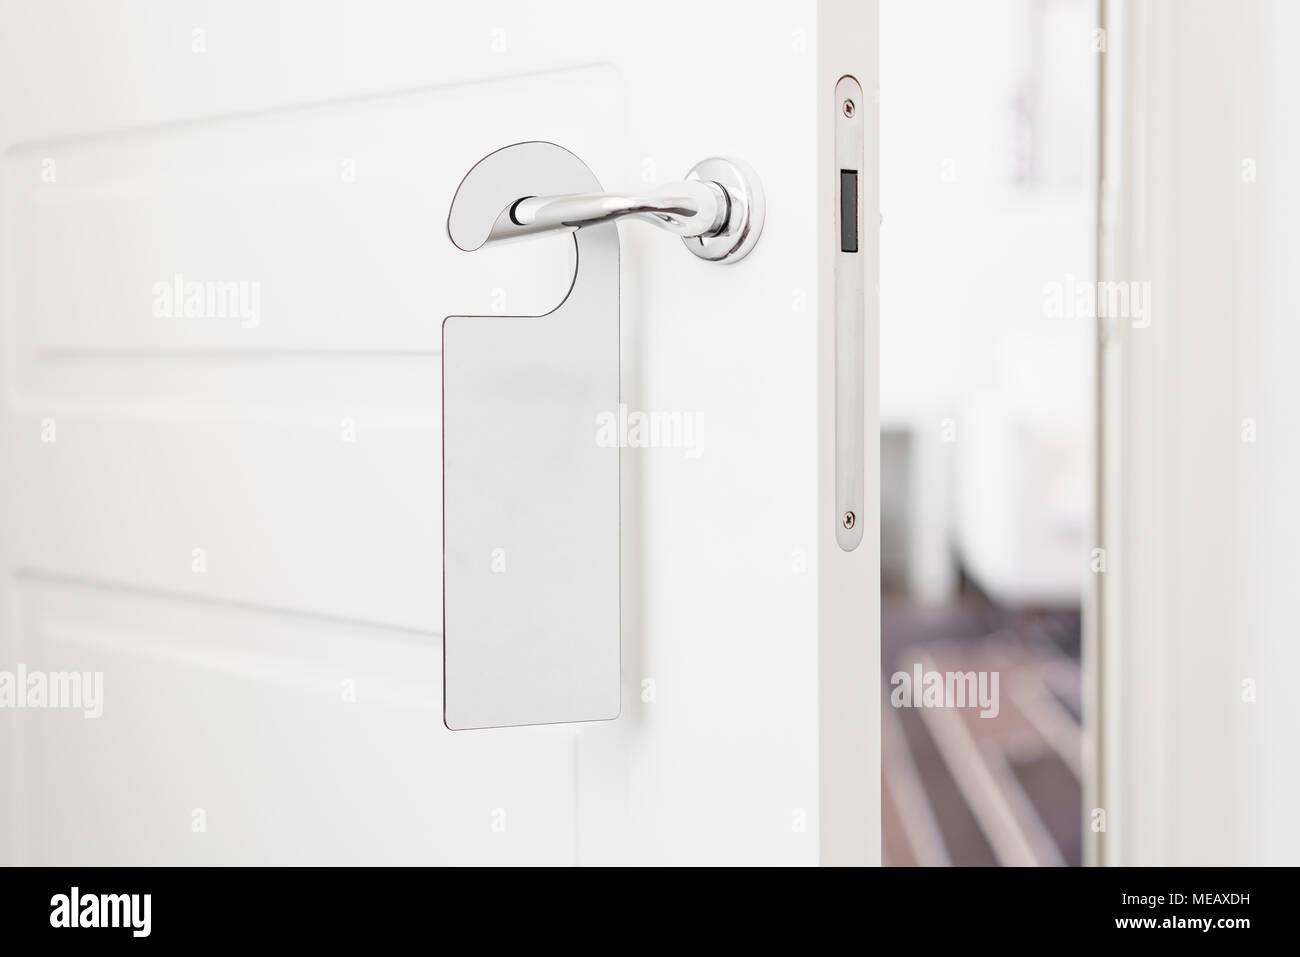 Door Knob With Empty Label On A Door Handle For Your Text. Empty White  Flyer Mockup Hang On Door Handle. Leaflet Design On Entrance Doorknob.